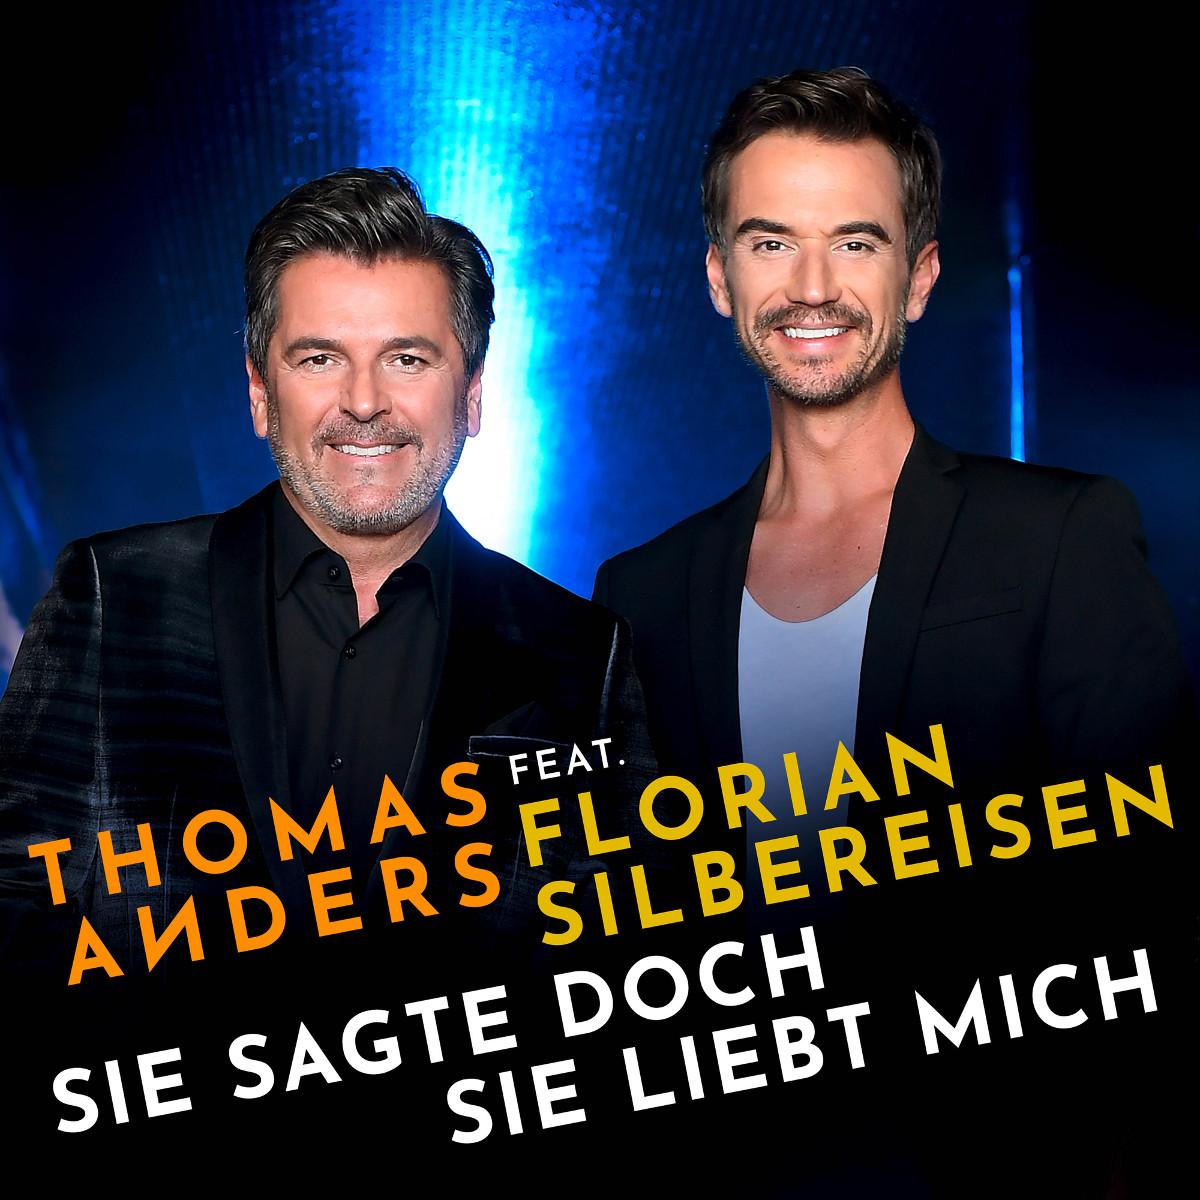 Cover: Sie sagte doch sie liebt mich, Thomas Anders & Florian Silbereisen